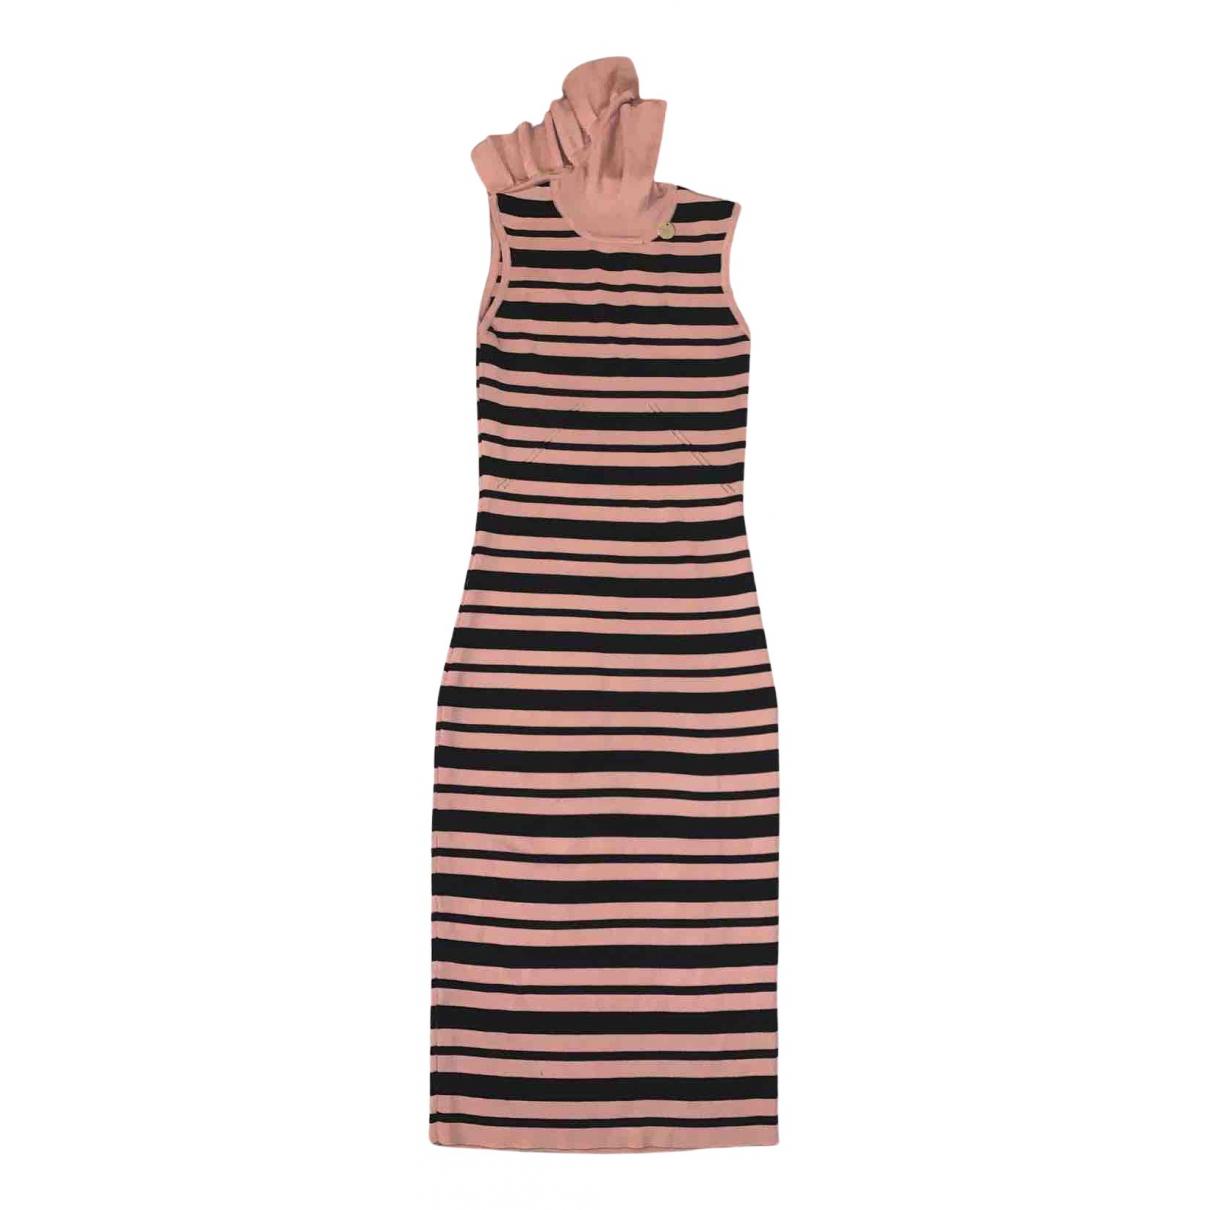 Mangano \N Kleid in Baumwolle - Elasthan